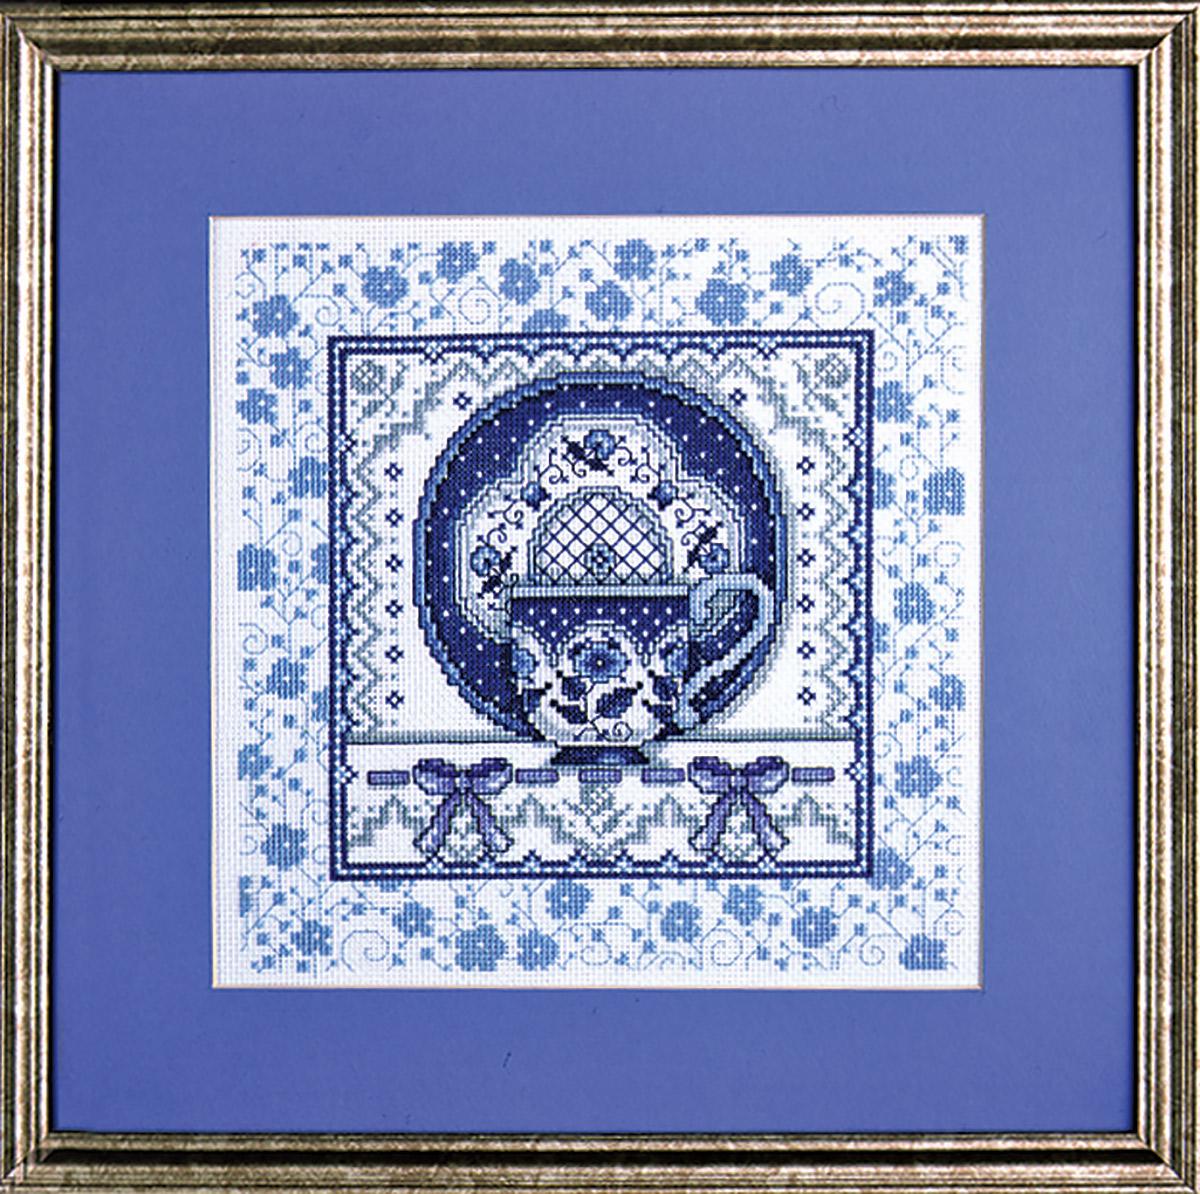 Набор для вышивания крестом Design Works Чашка и блюдце с синим рисунком, 23 х 23 см9975BДизайнер Джоан Эллиот (Blue Toile Cup & Saucer , Joan Elliott).Канва Аида 14 (100% хлопок), нитки мулине (100% хлопок), игла, подробная инструкция со схемой вышивки на русском языке